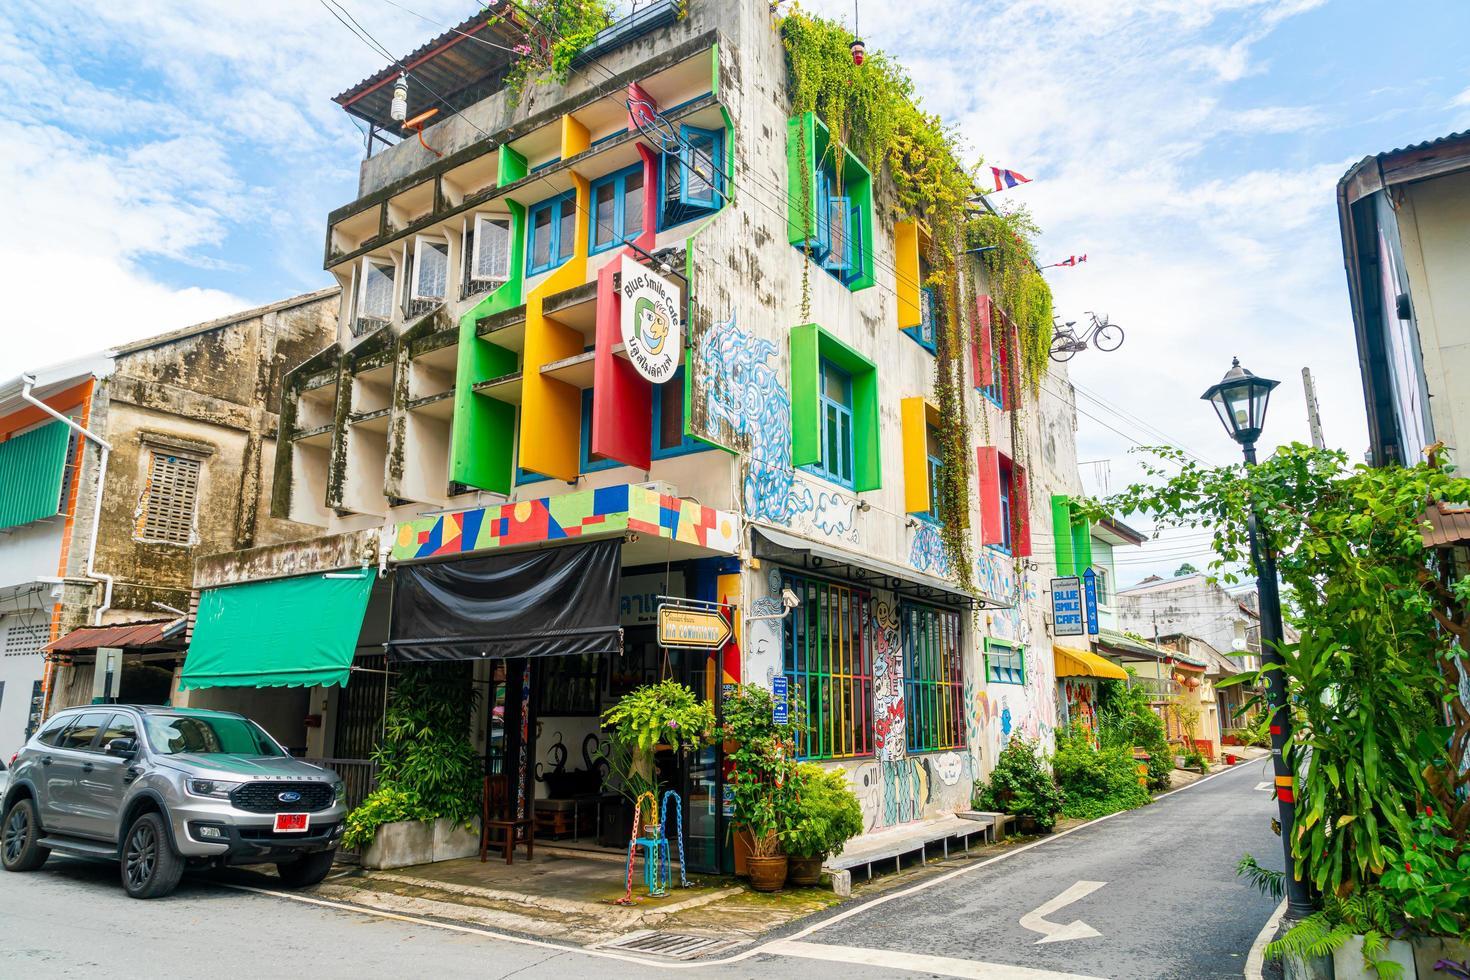 songkhla, thailand - 2020 nov 15 - kleurrijk en mooi gebouw oude stad en landschap in songkhla, thailand op 15 november 2020. foto